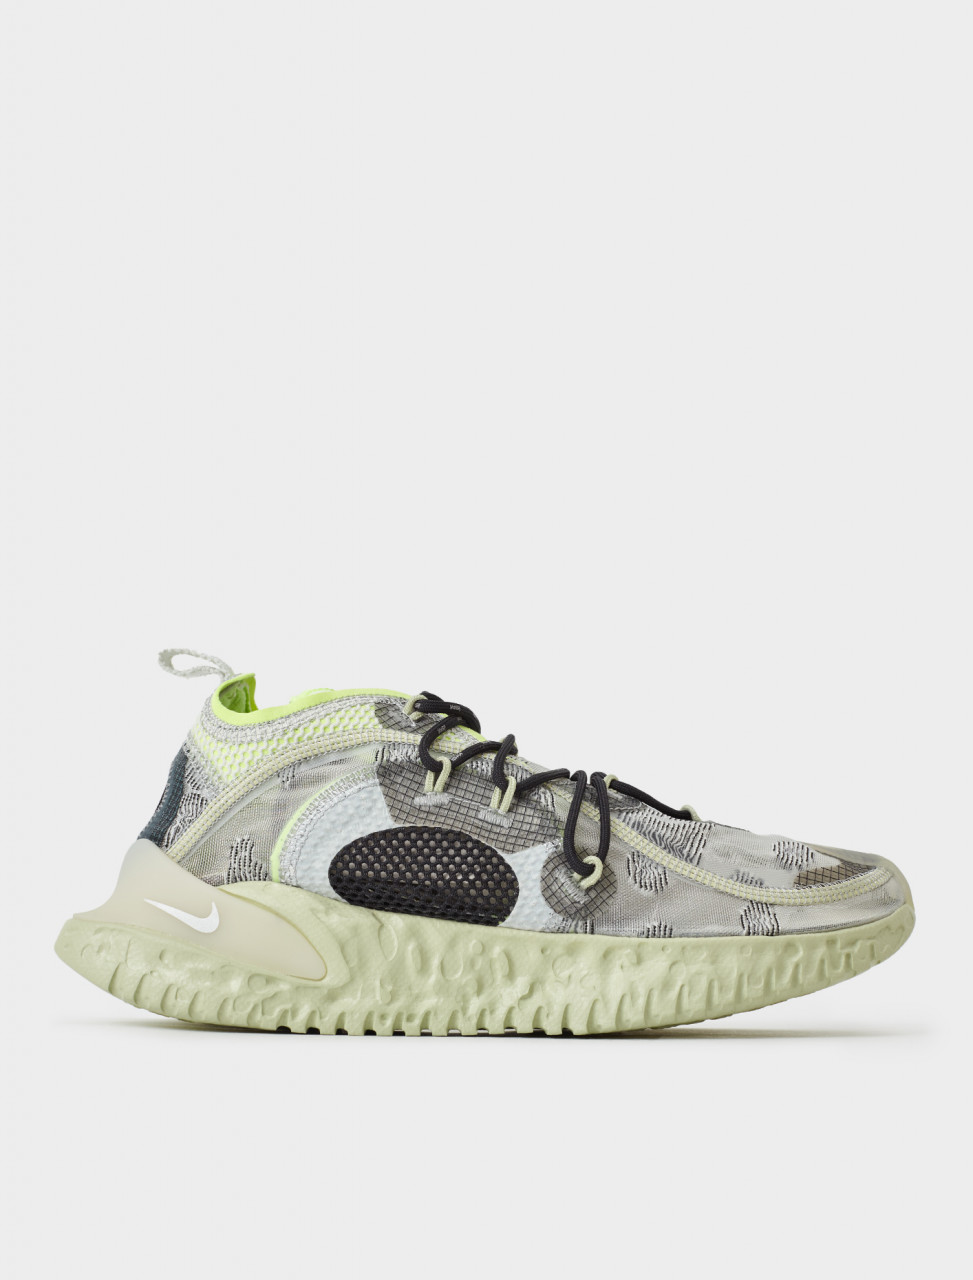 Nike Flow 2020 ISPA SE Sneaker in Spruce Aura